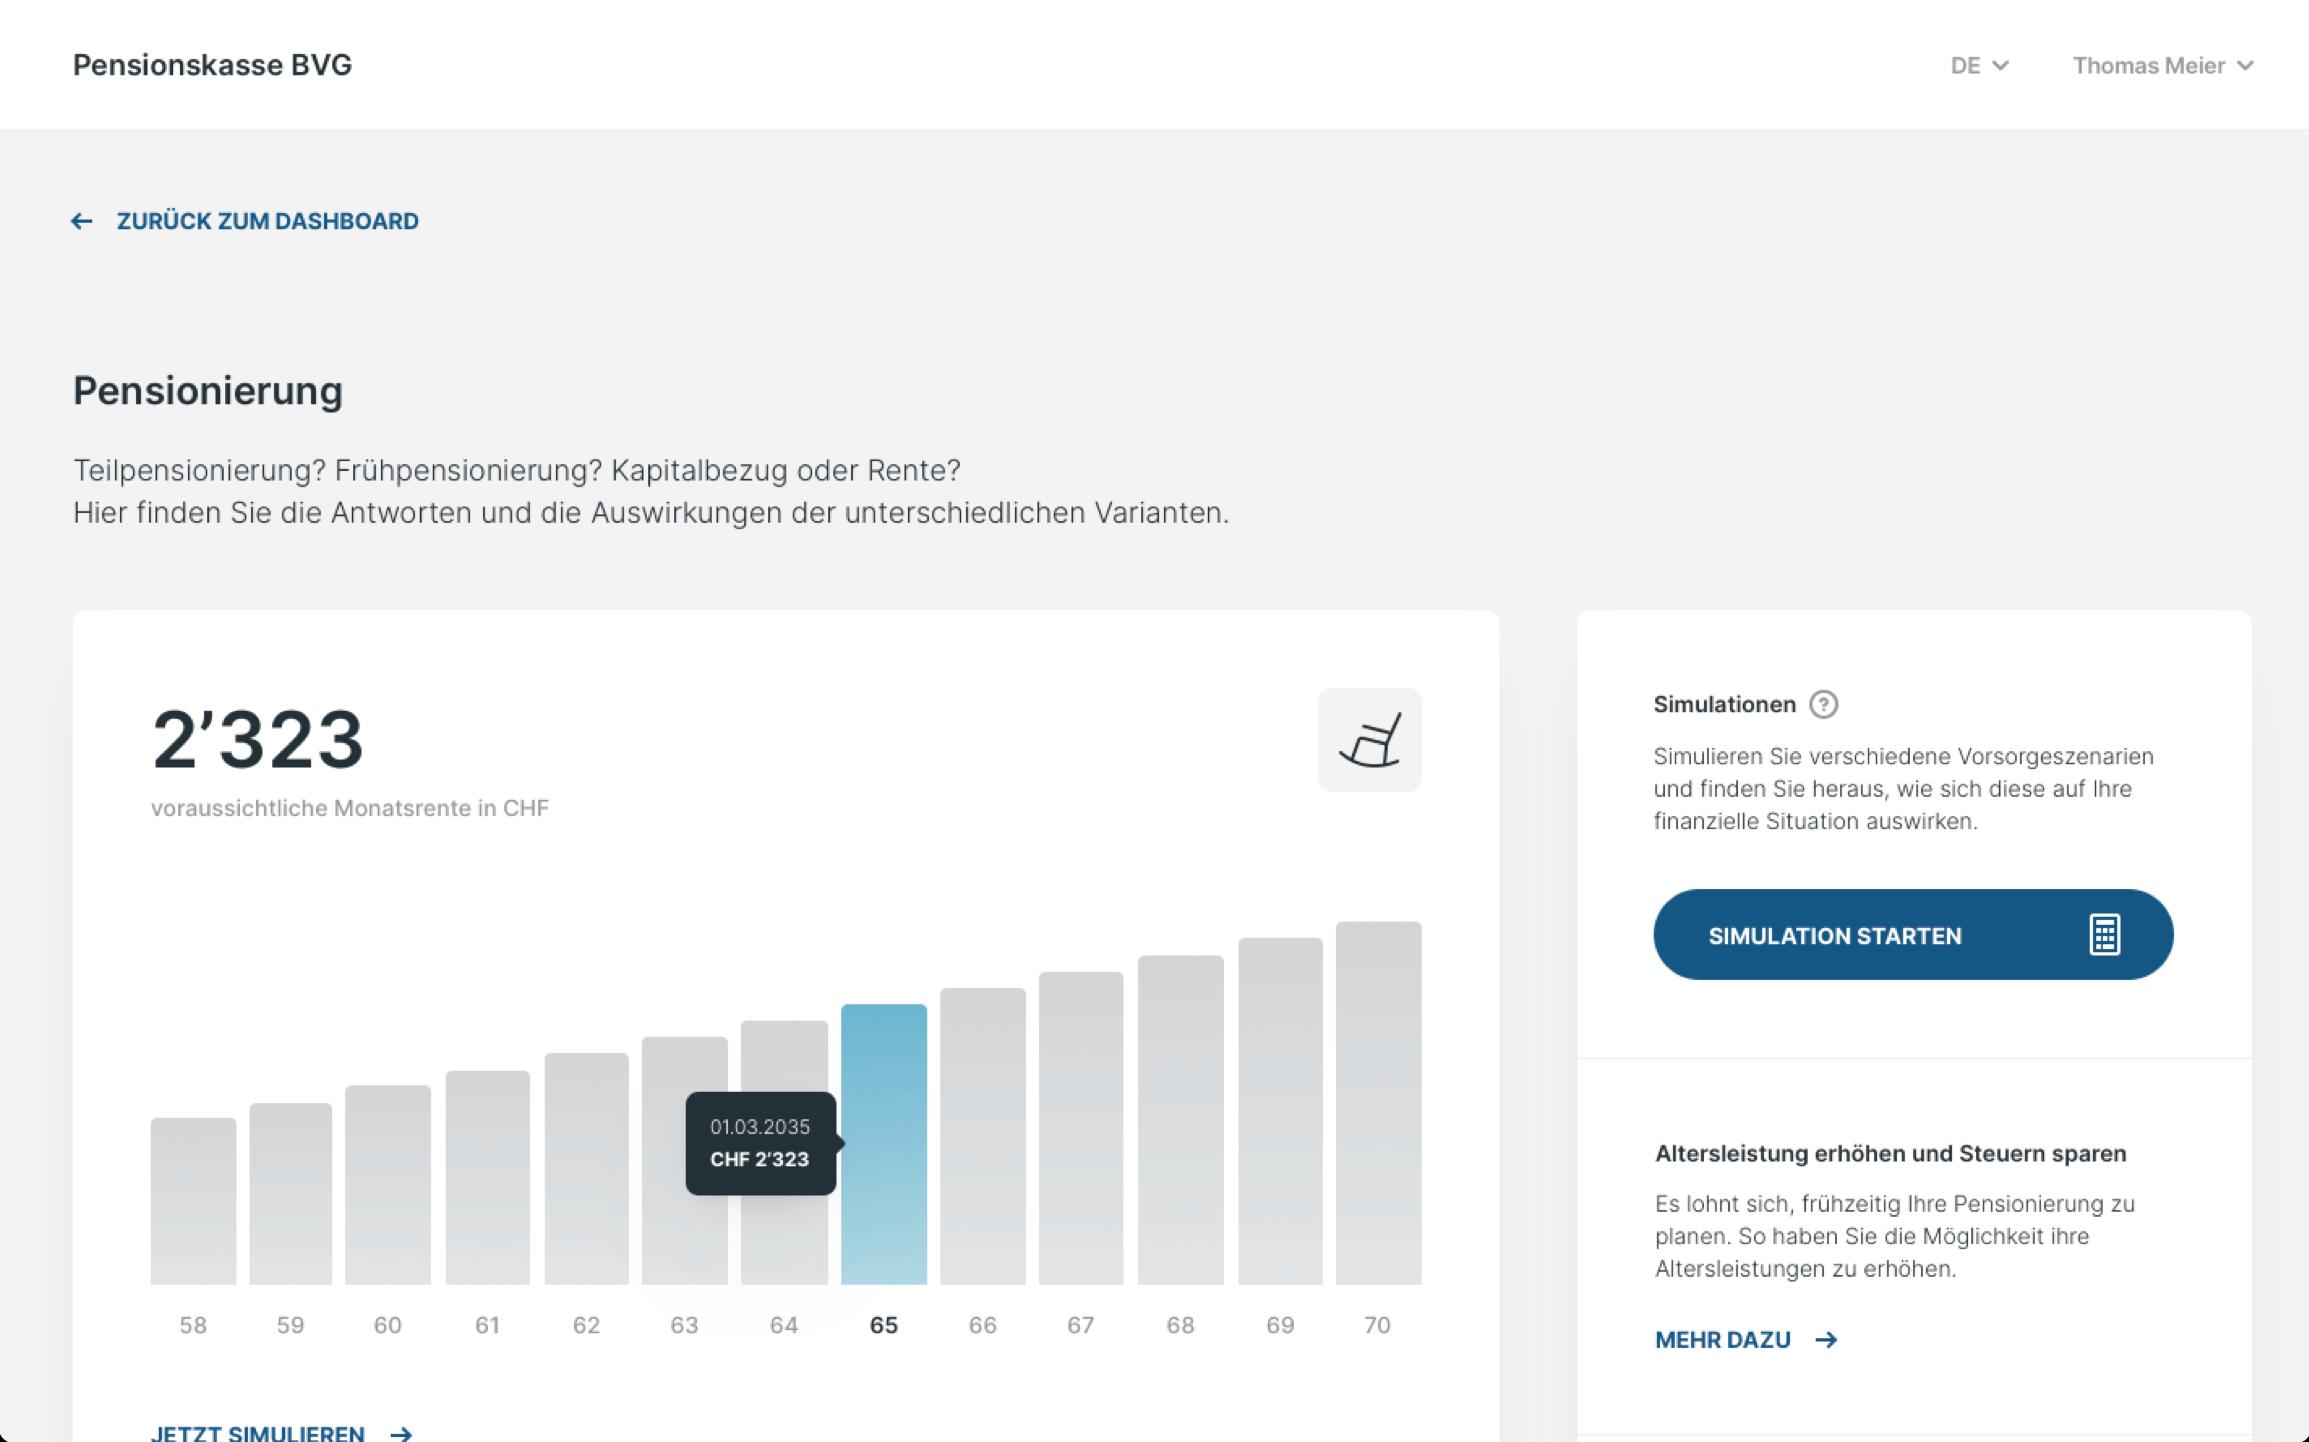 als Versicherter im PensionDynamics Simulator einfach die Pension berechnen